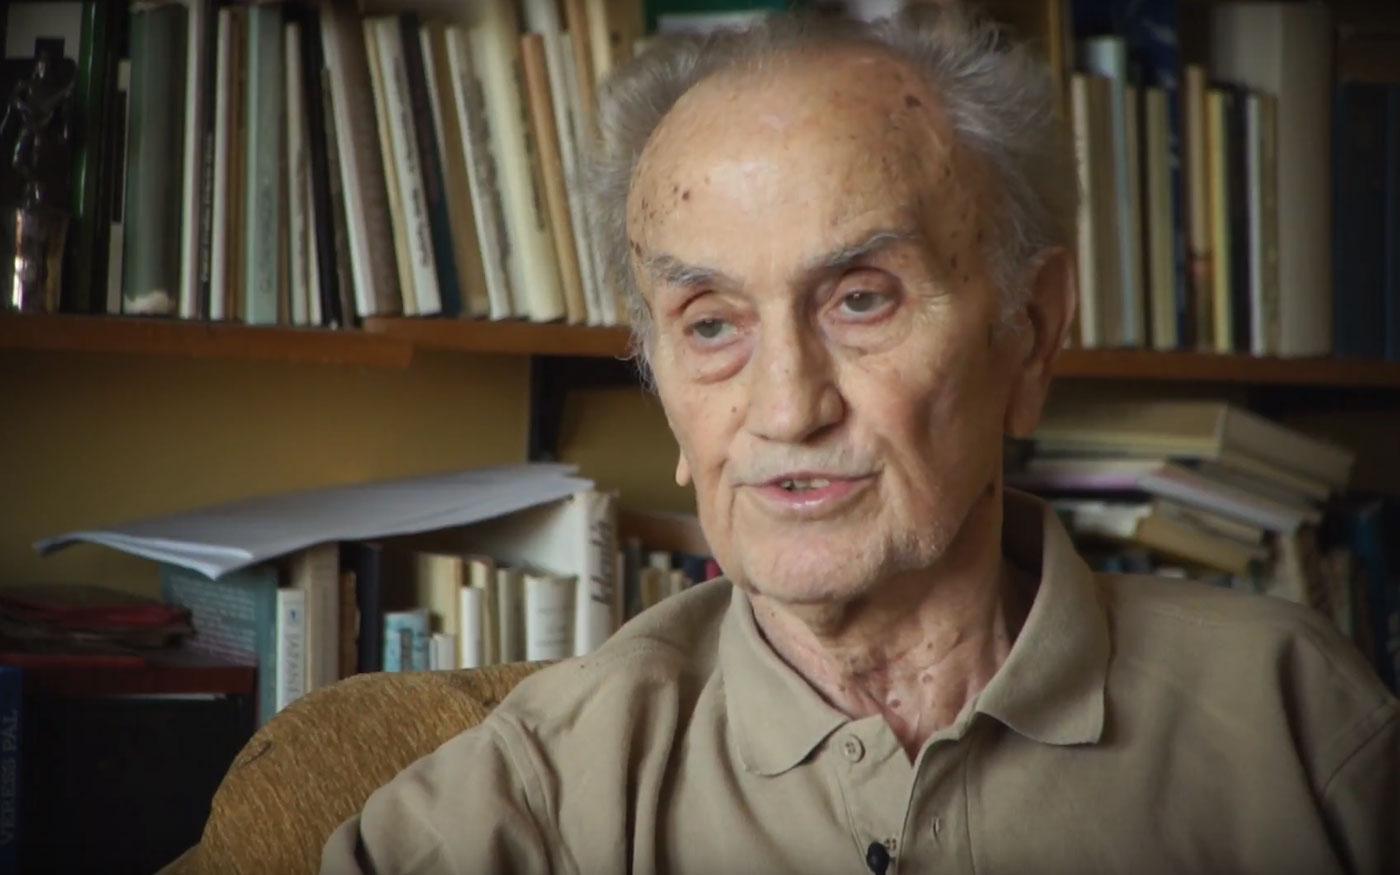 Elhunyt Tornai József író, költő, a Nemzet Művésze, Dunaharaszti díszpolgára